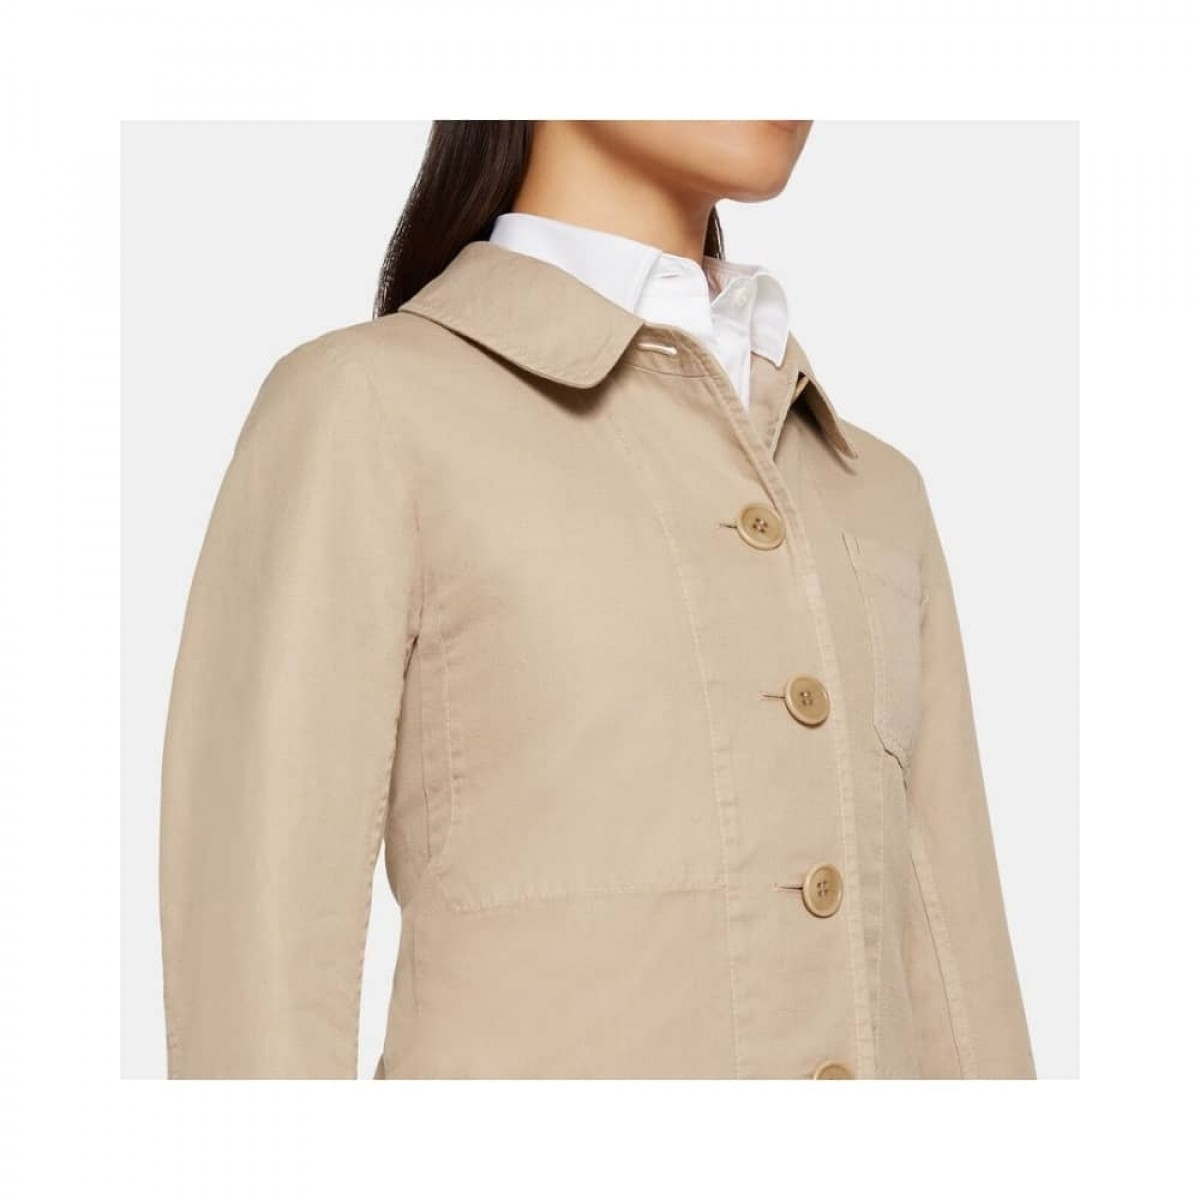 giacca donna jakke - beige - detalje billede